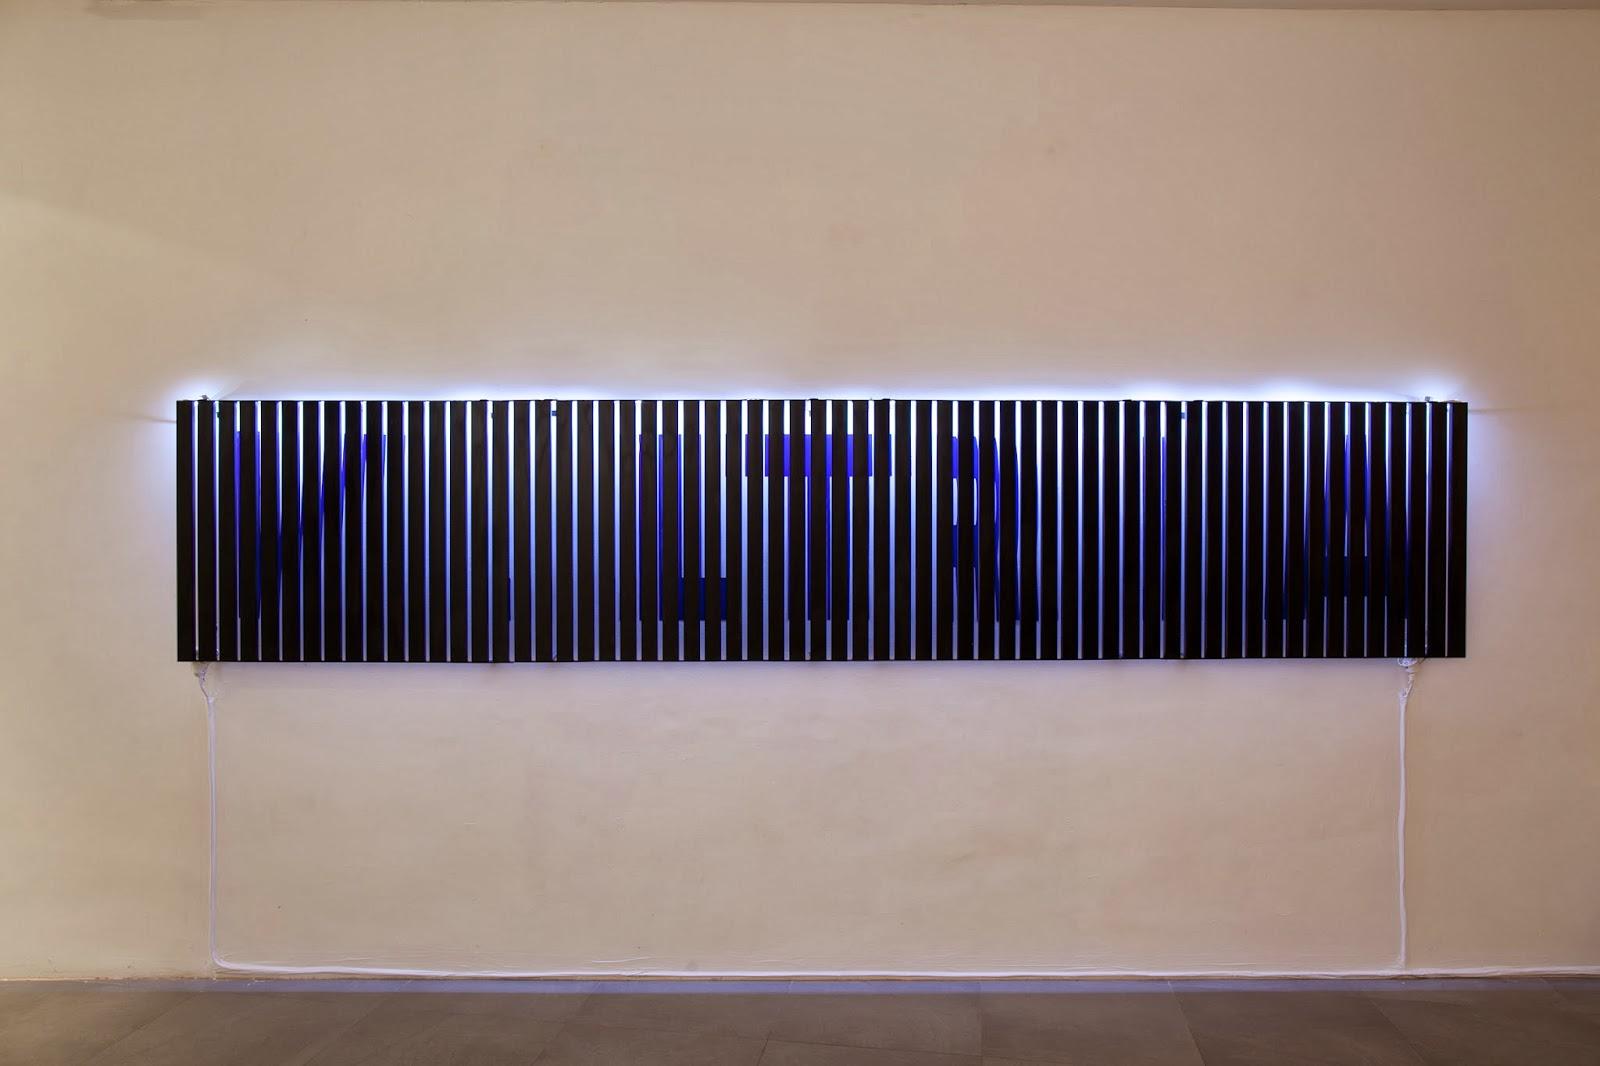 felipe-pantone-and-demsky-ultradinamica-at-galeria-mr-pink-01